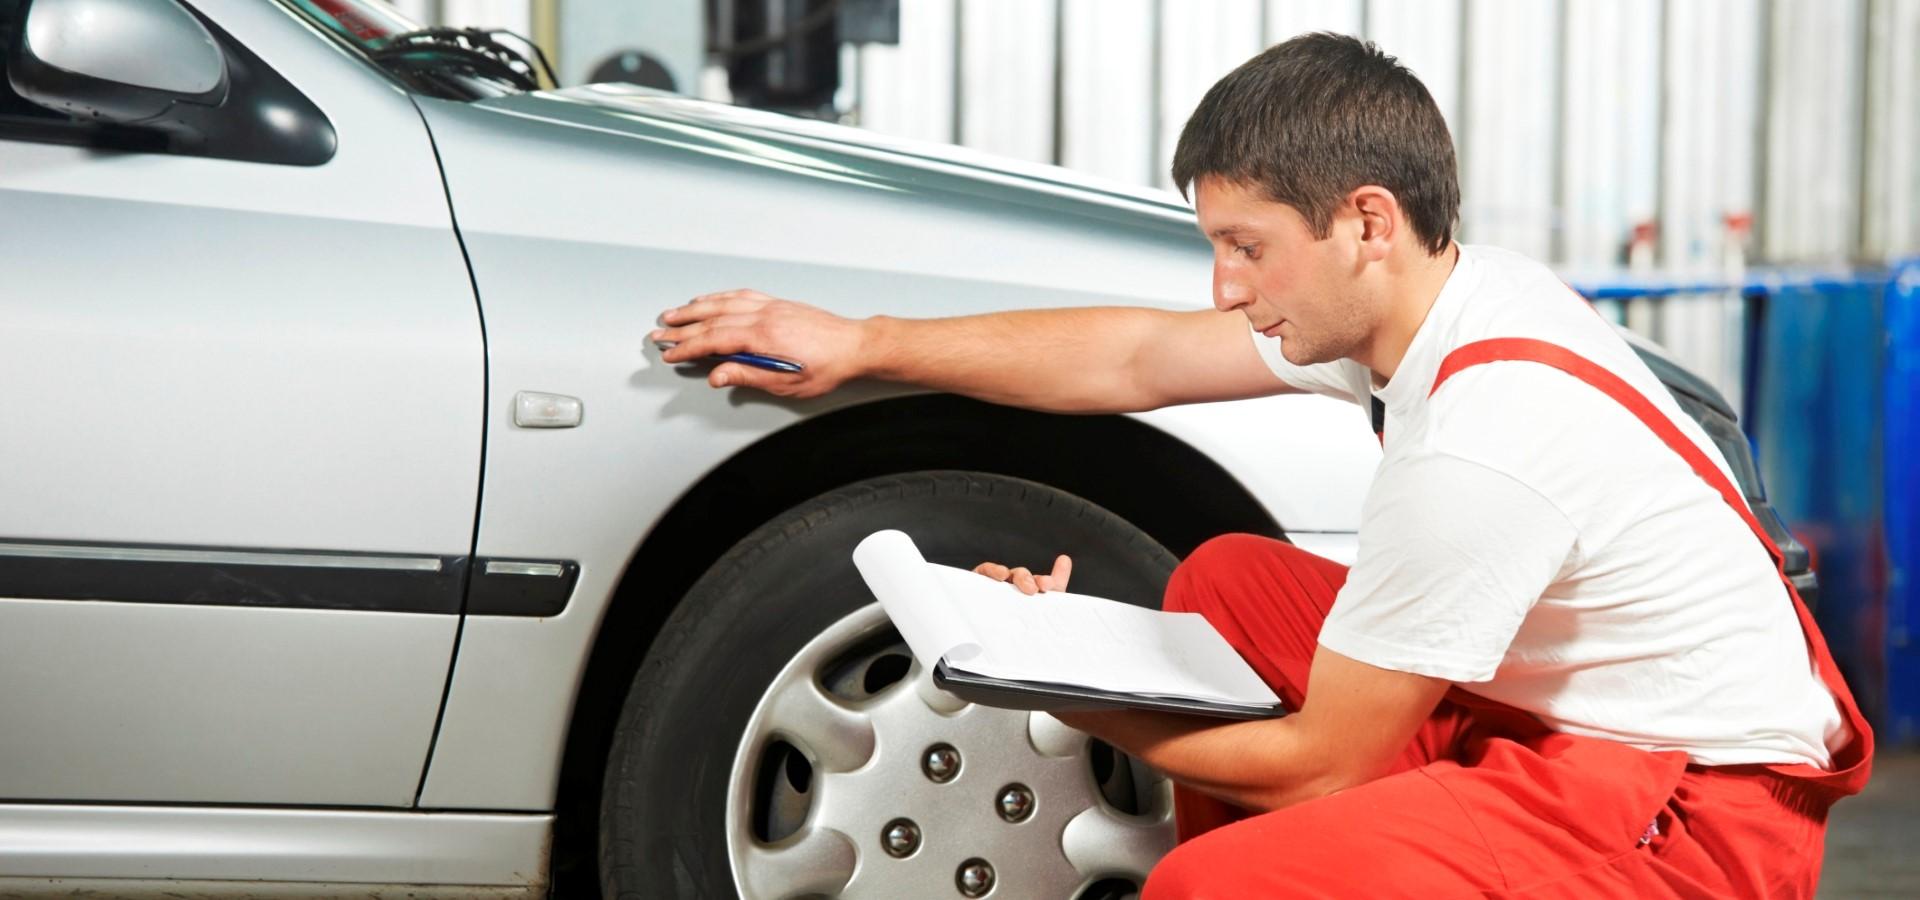 Документы для оценки автомобиля для наследства